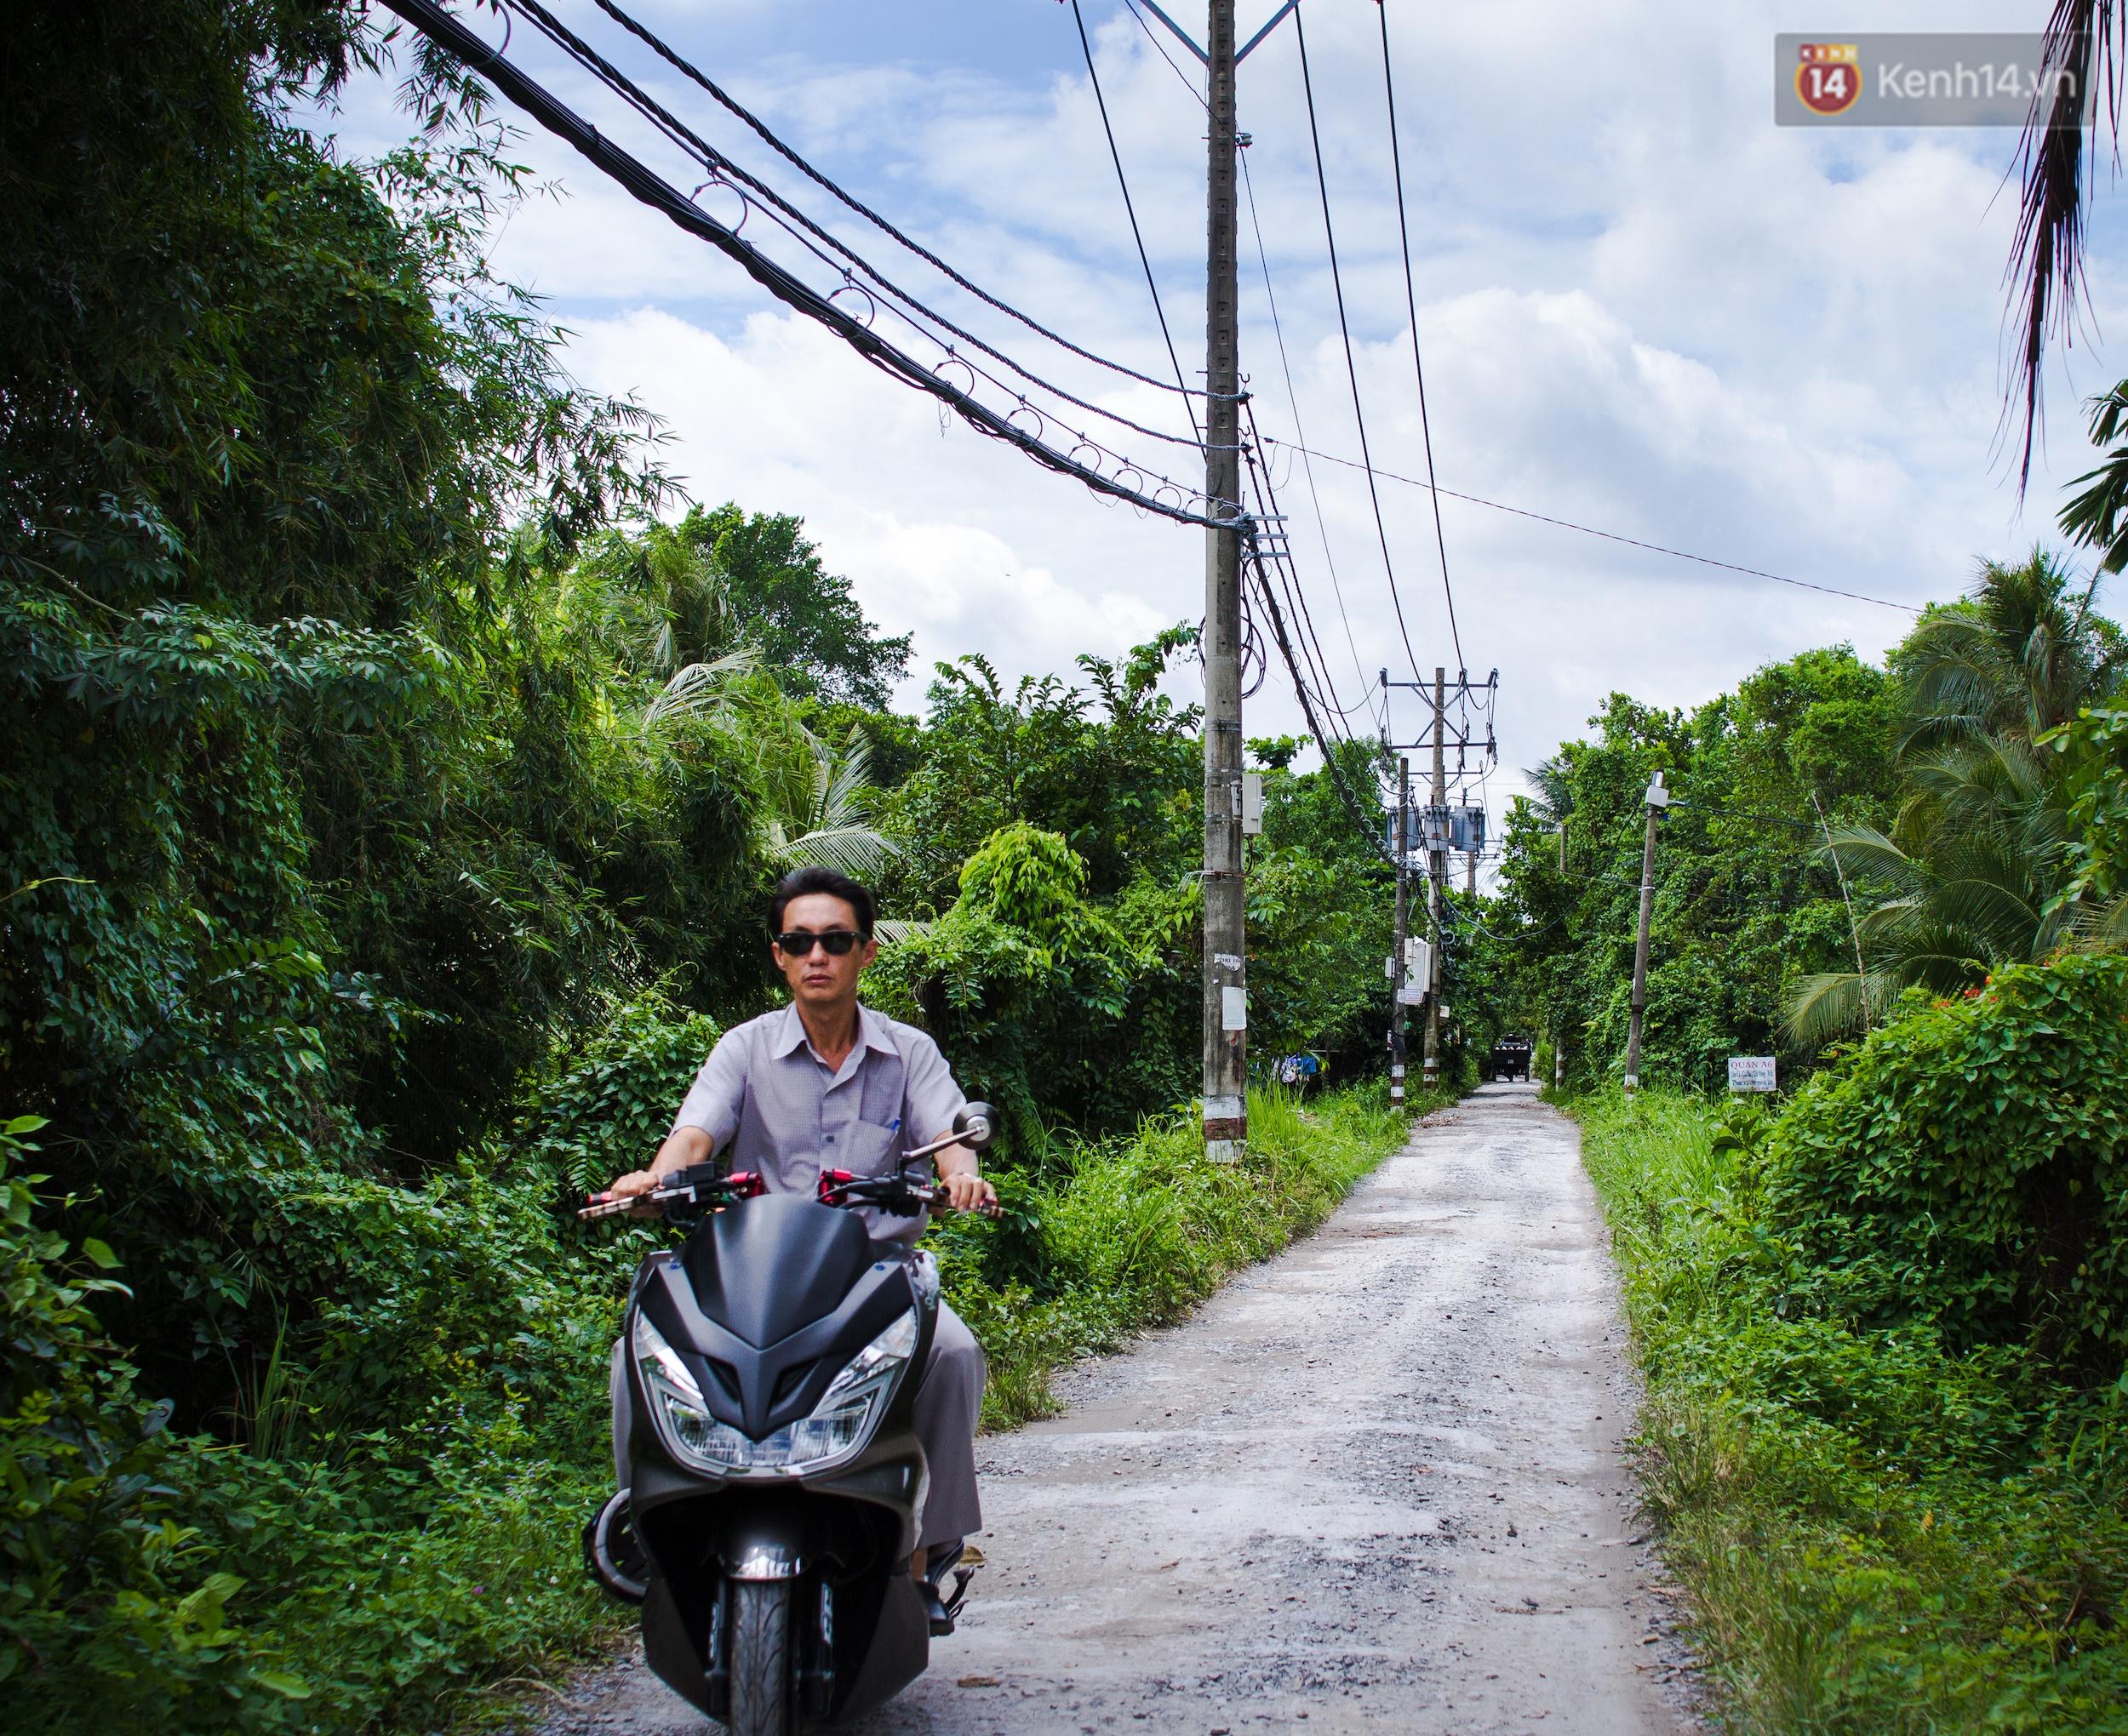 Chùm ảnh: Cuộc sống ở bán đảo Thanh Đa - Một miền nông thôn tách biệt dù chỉ cách trung tâm Sài Gòn vài km - Ảnh 7.